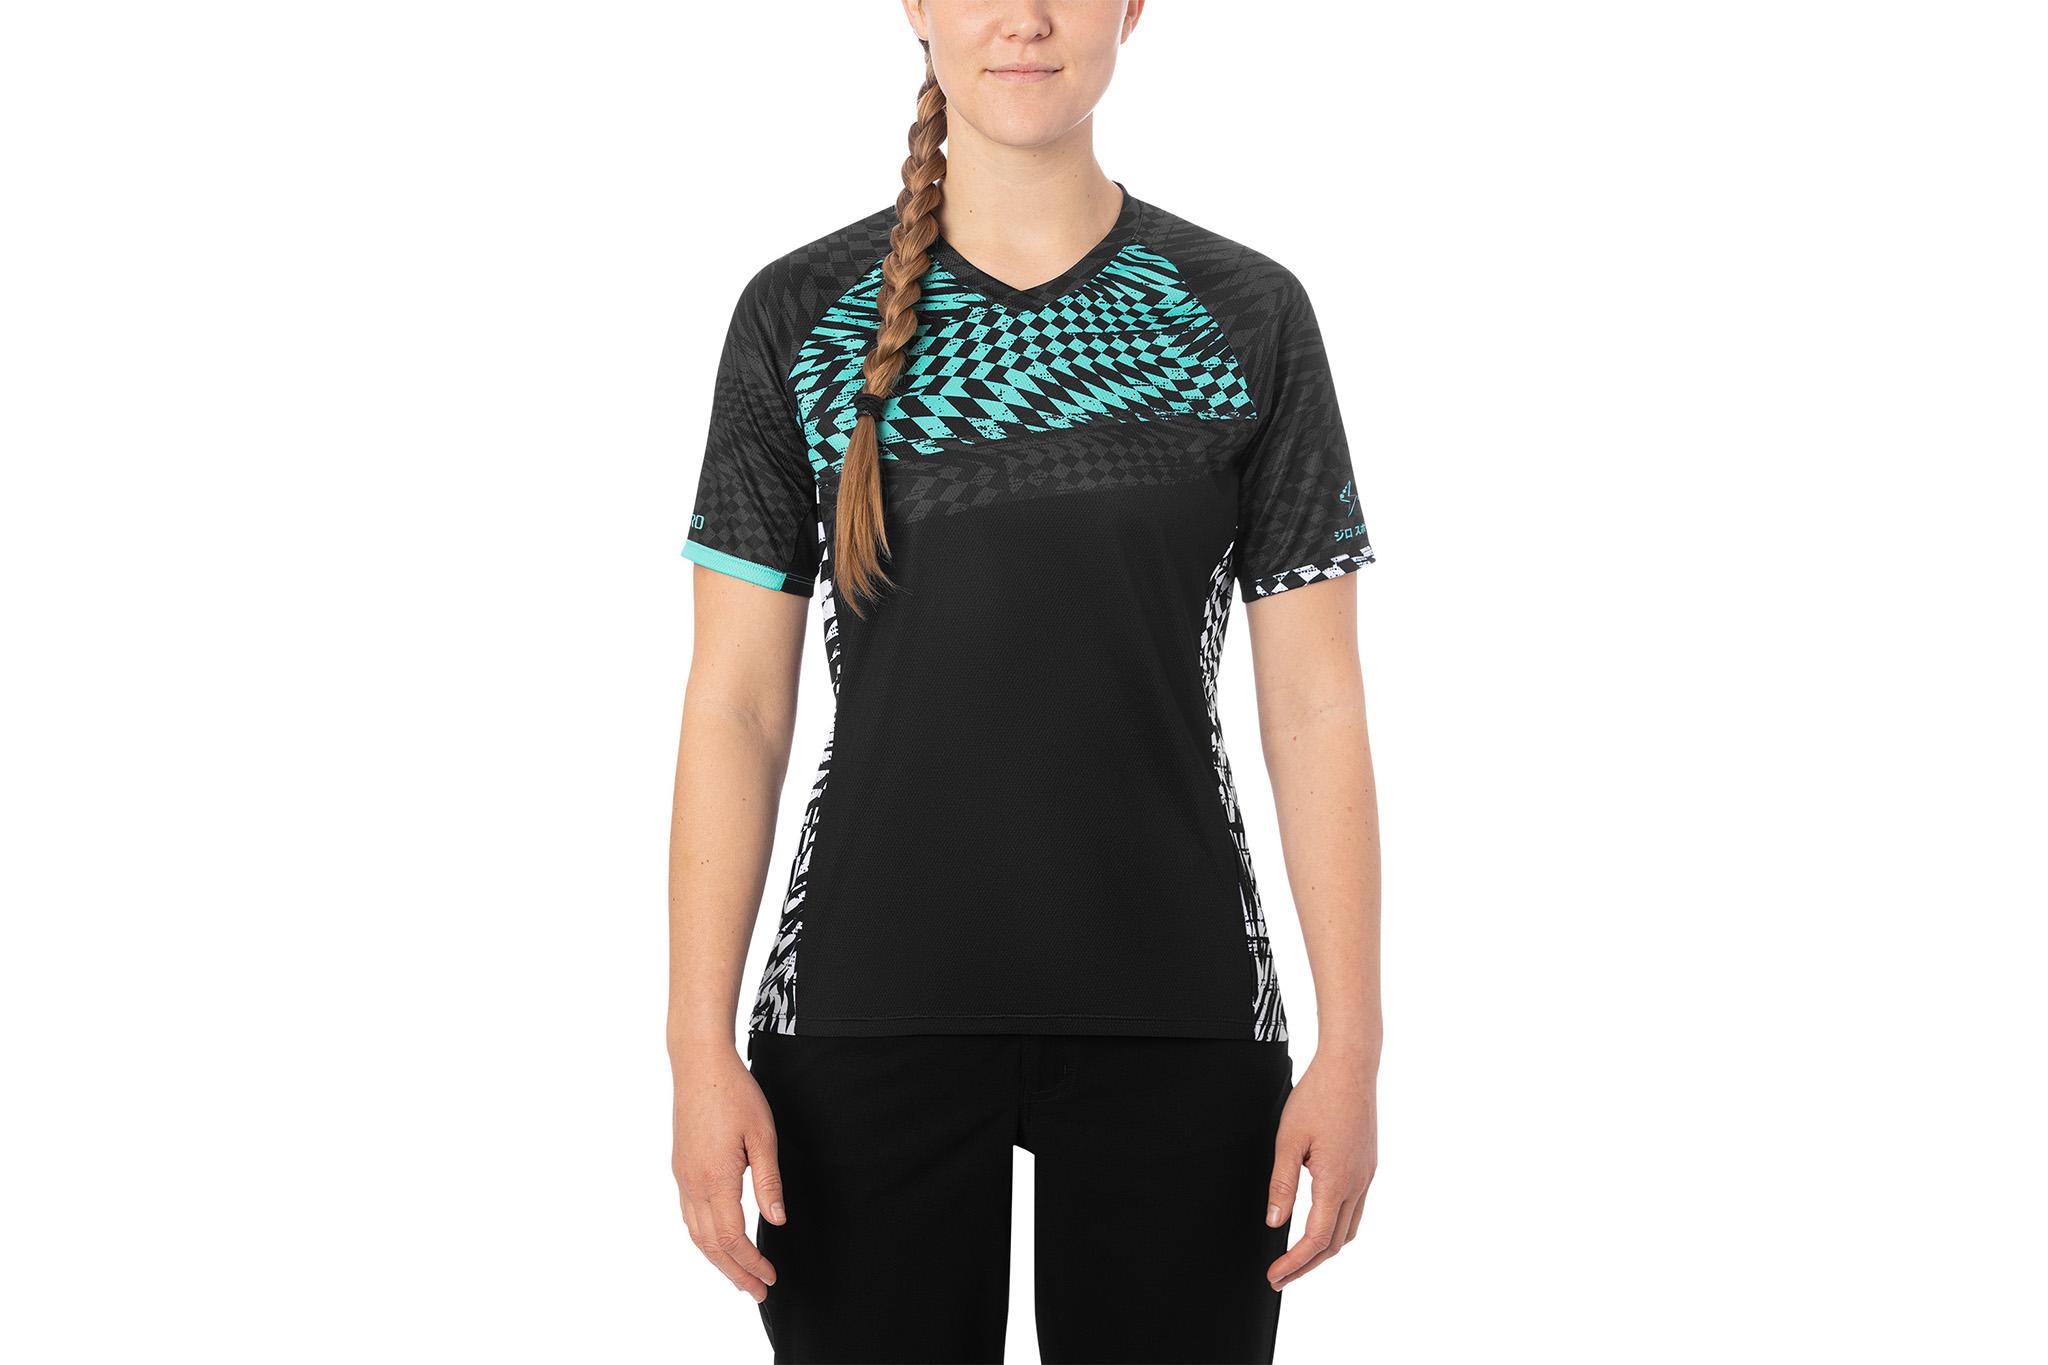 GIRO X YASUDA เสื้อจักรยานเสือภูเขาผู้หญิง